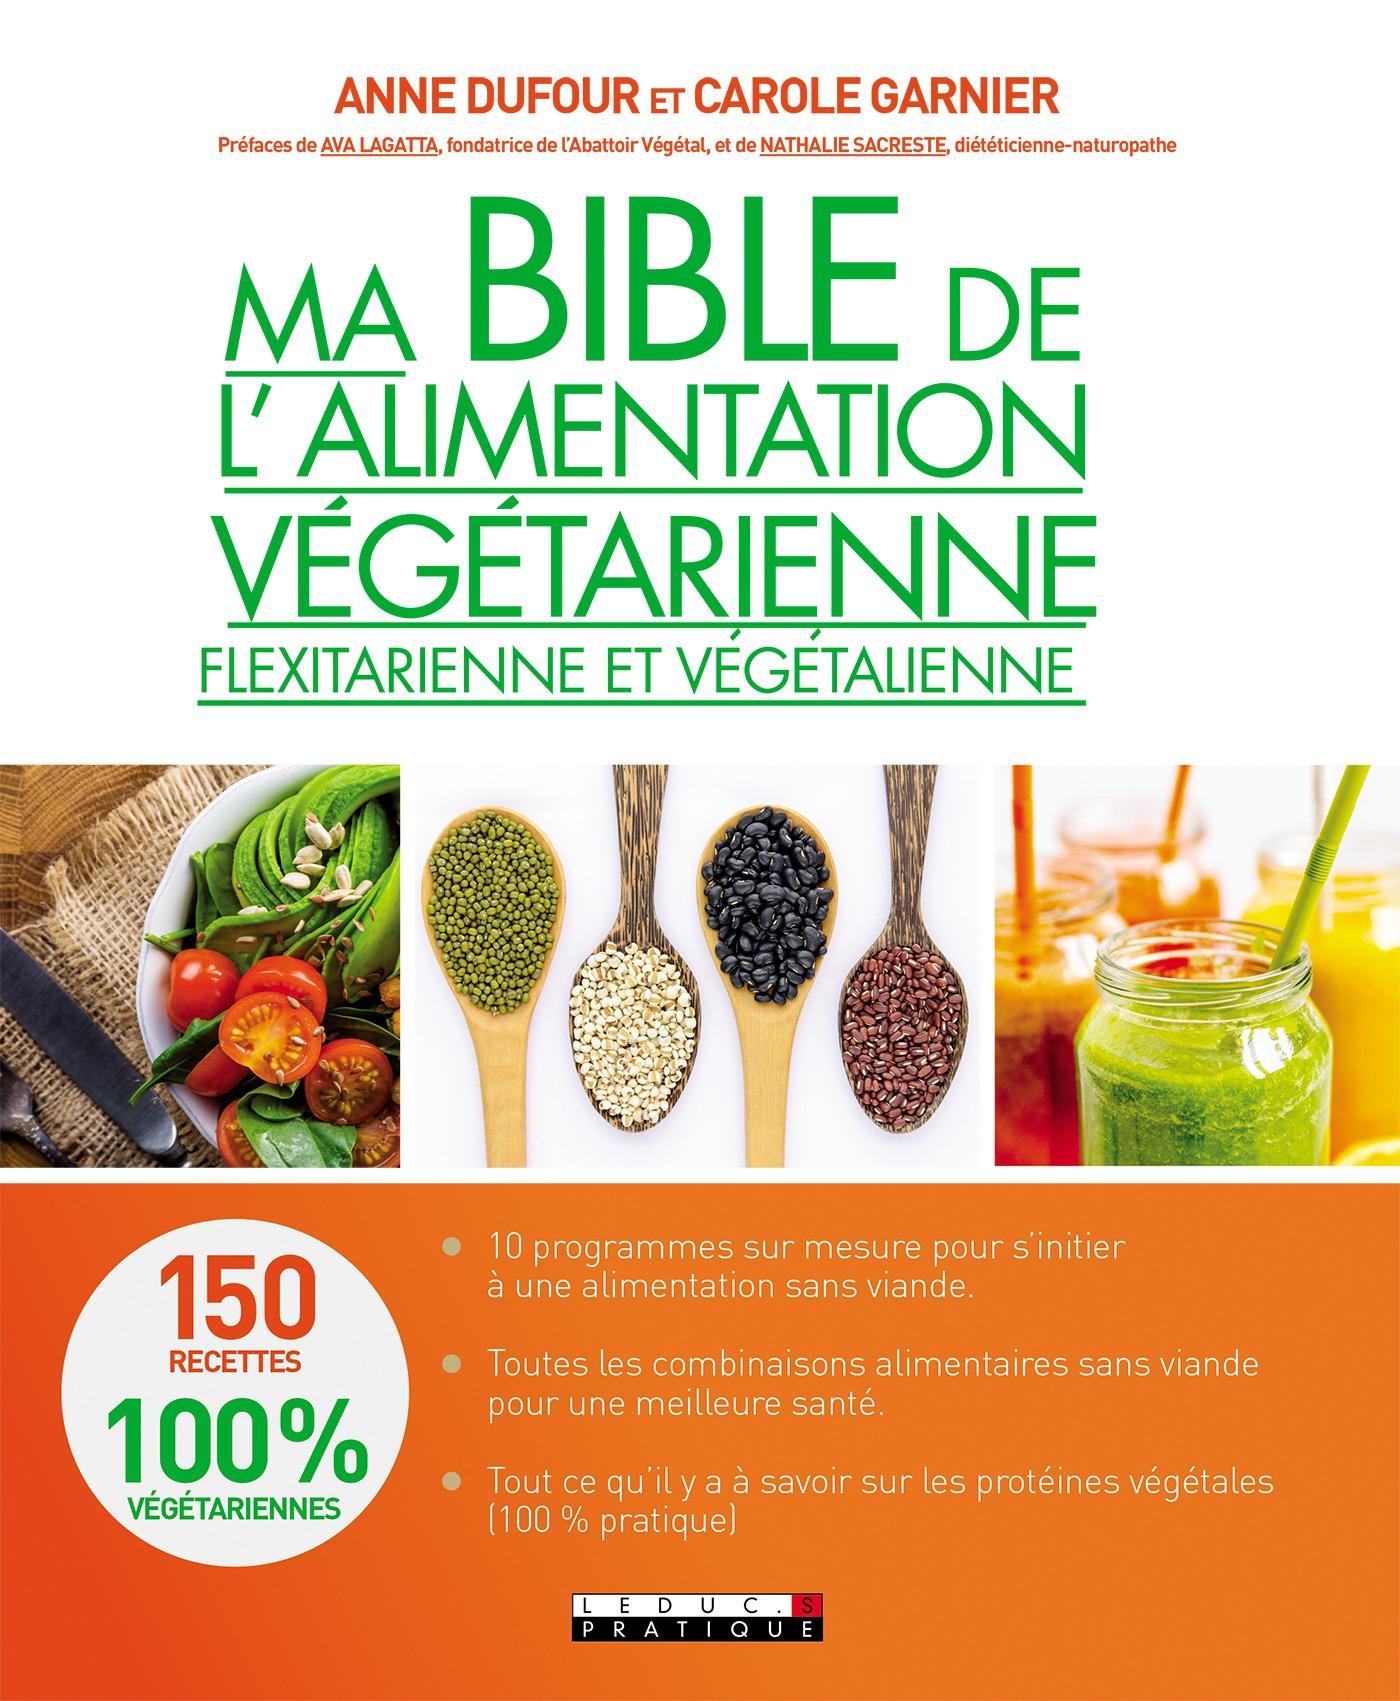 Anne Dufour Ma bible de l'alimentation végétarienne, flexitarienne et végétalienne